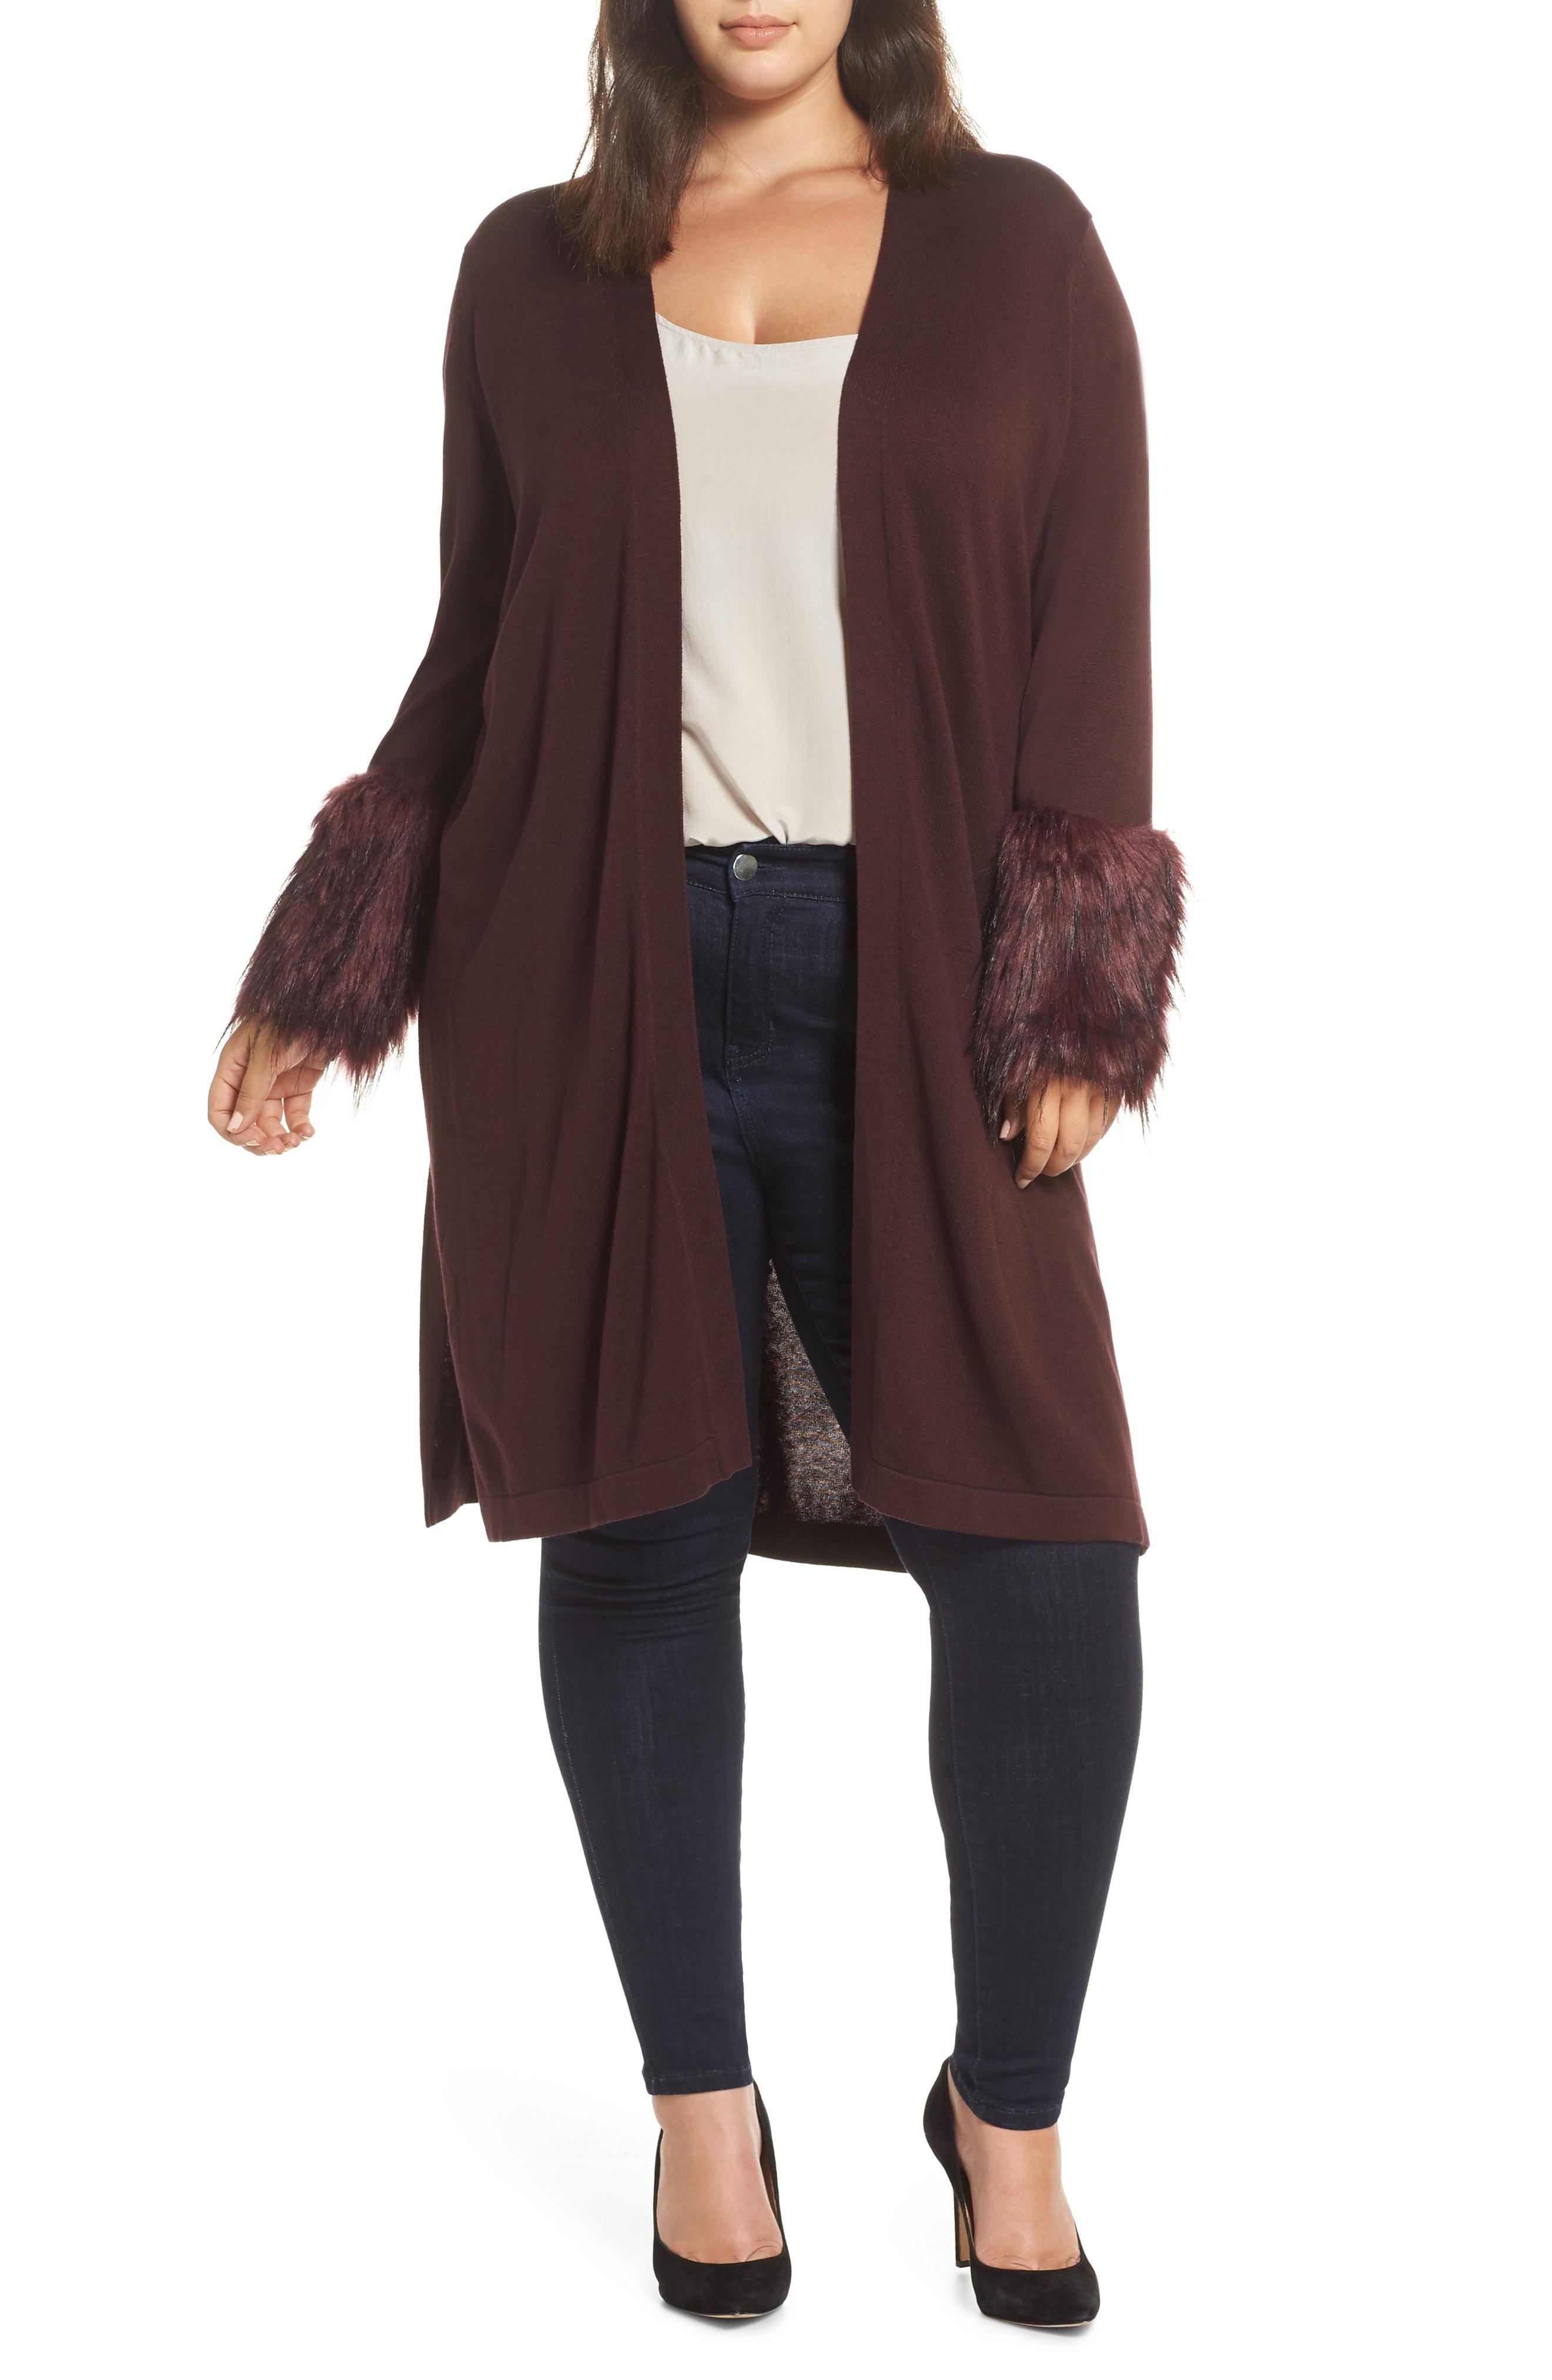 Vince Camuto Faux Fur Cuff Cotton Blend Cardigan (Plus Size)